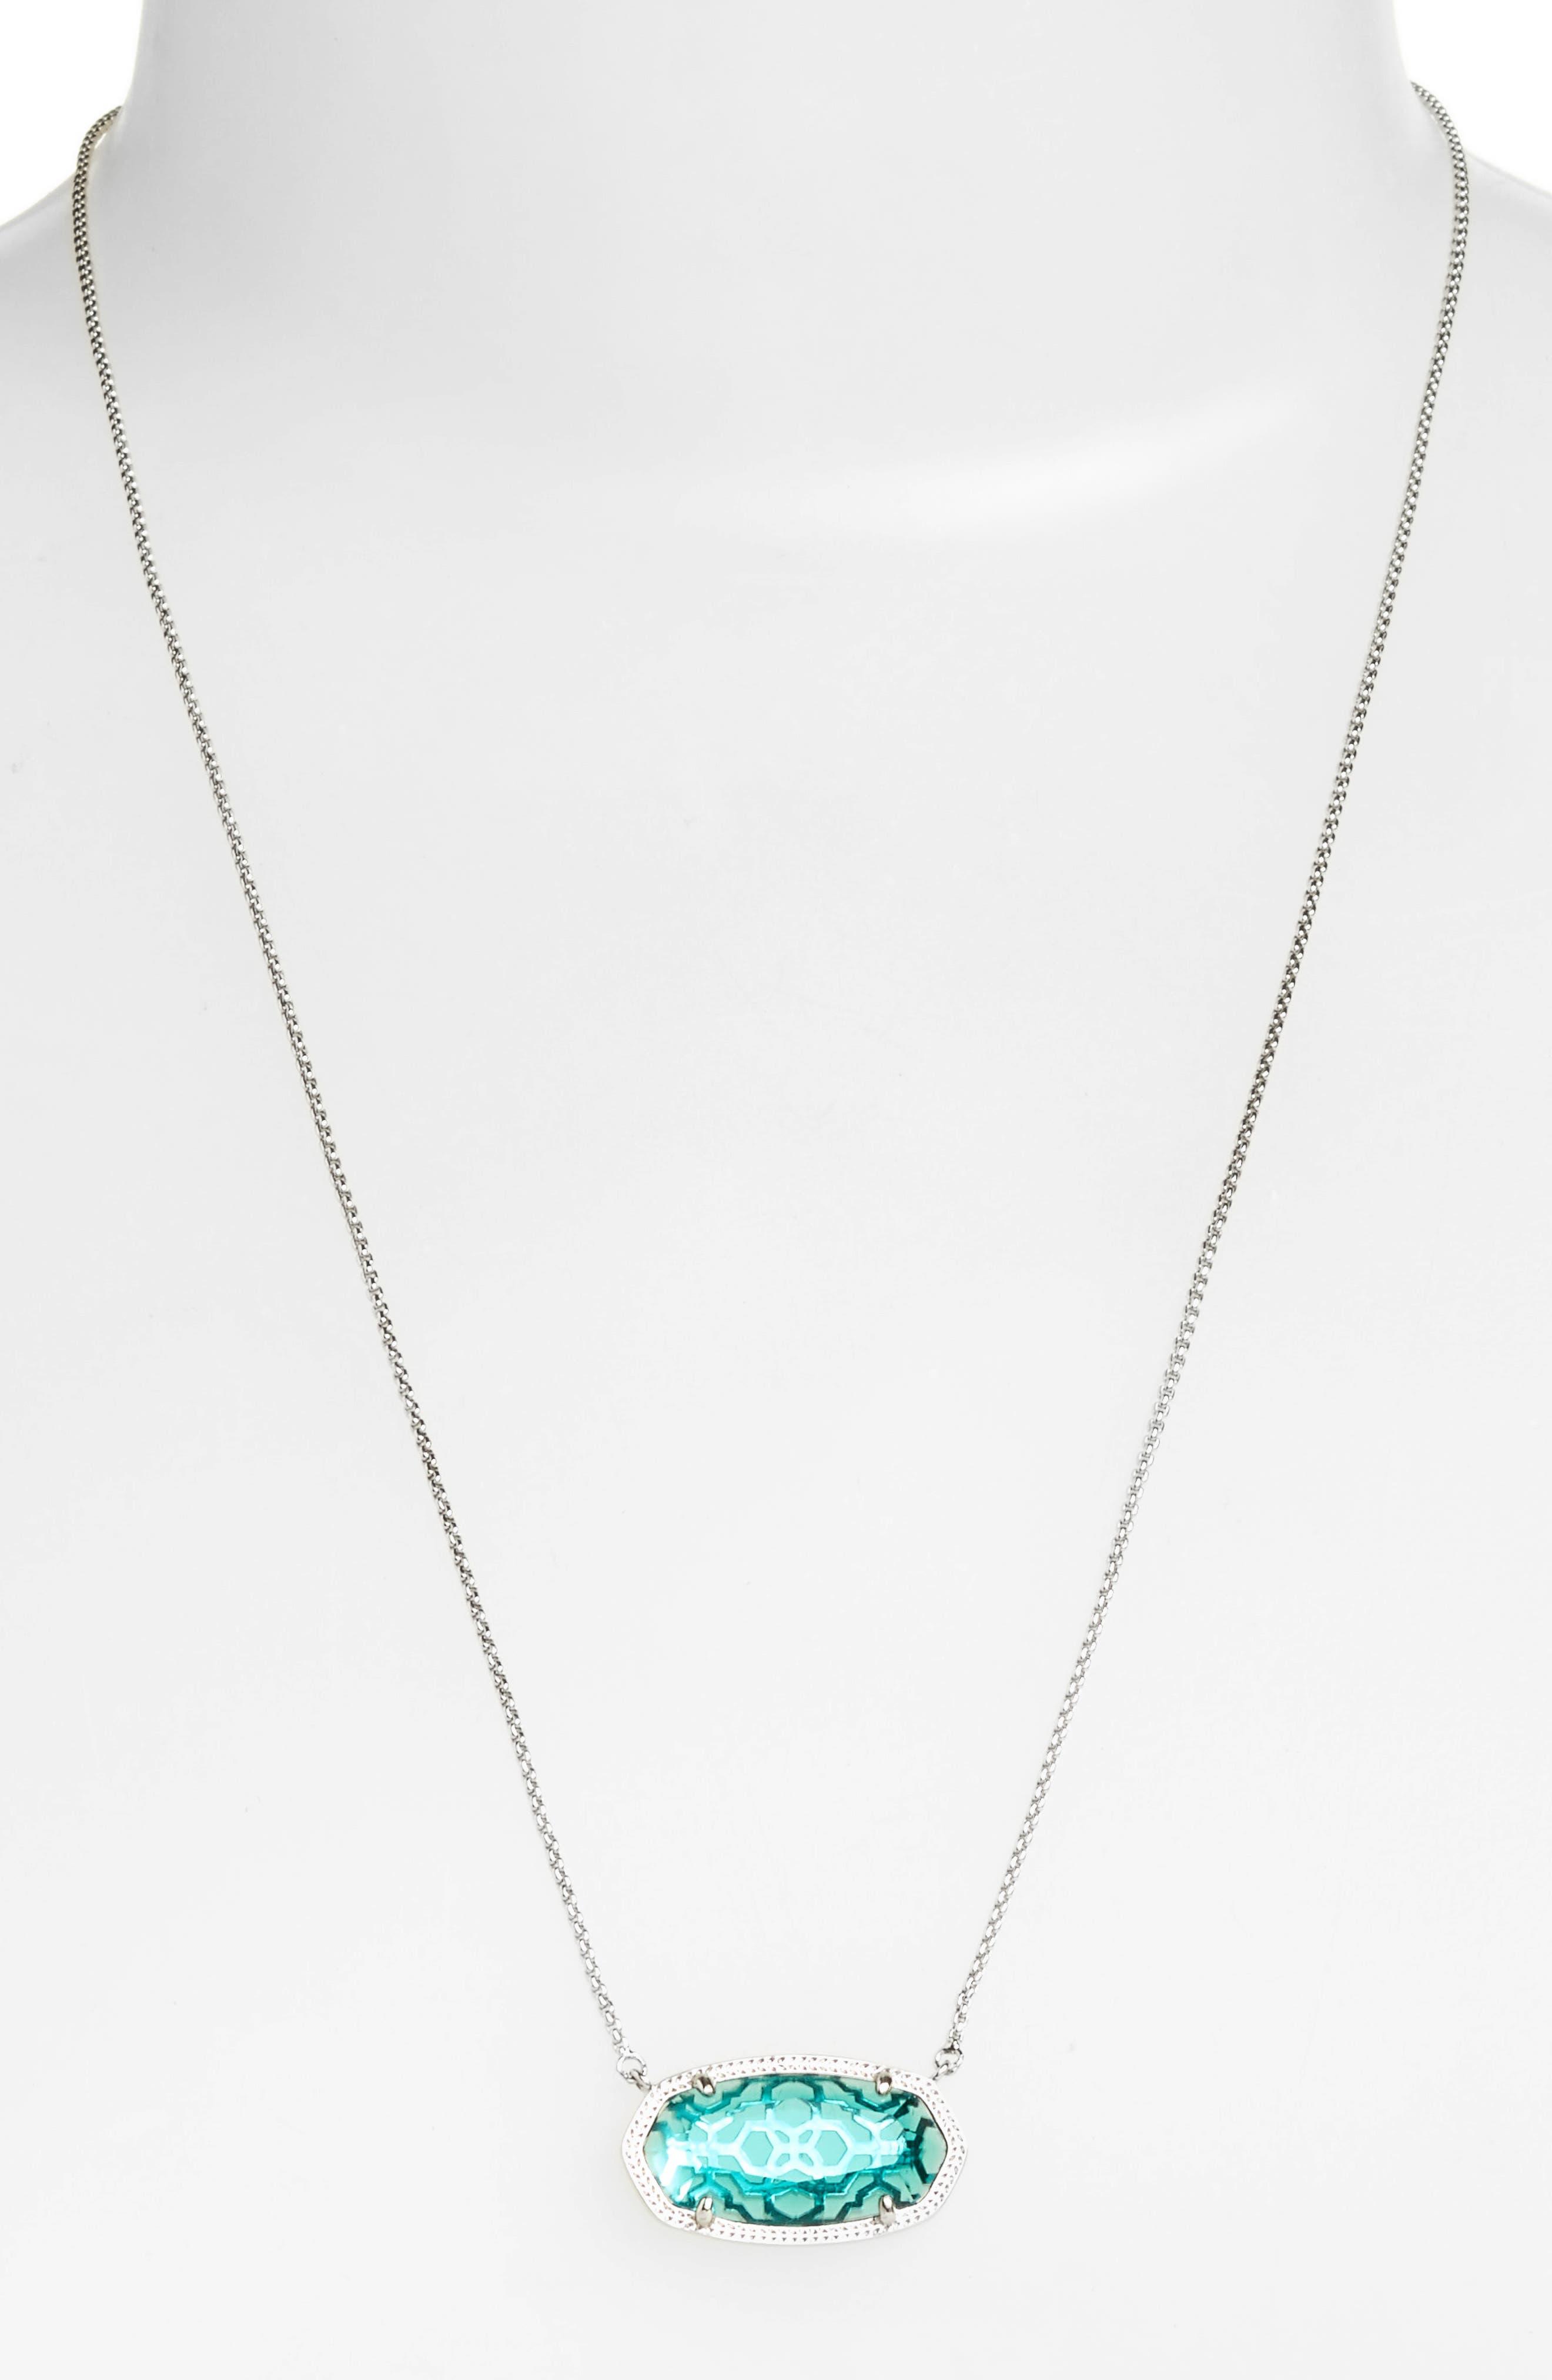 Delaney Pendant Necklace,                             Alternate thumbnail 2, color,                             London Blue/ Silver